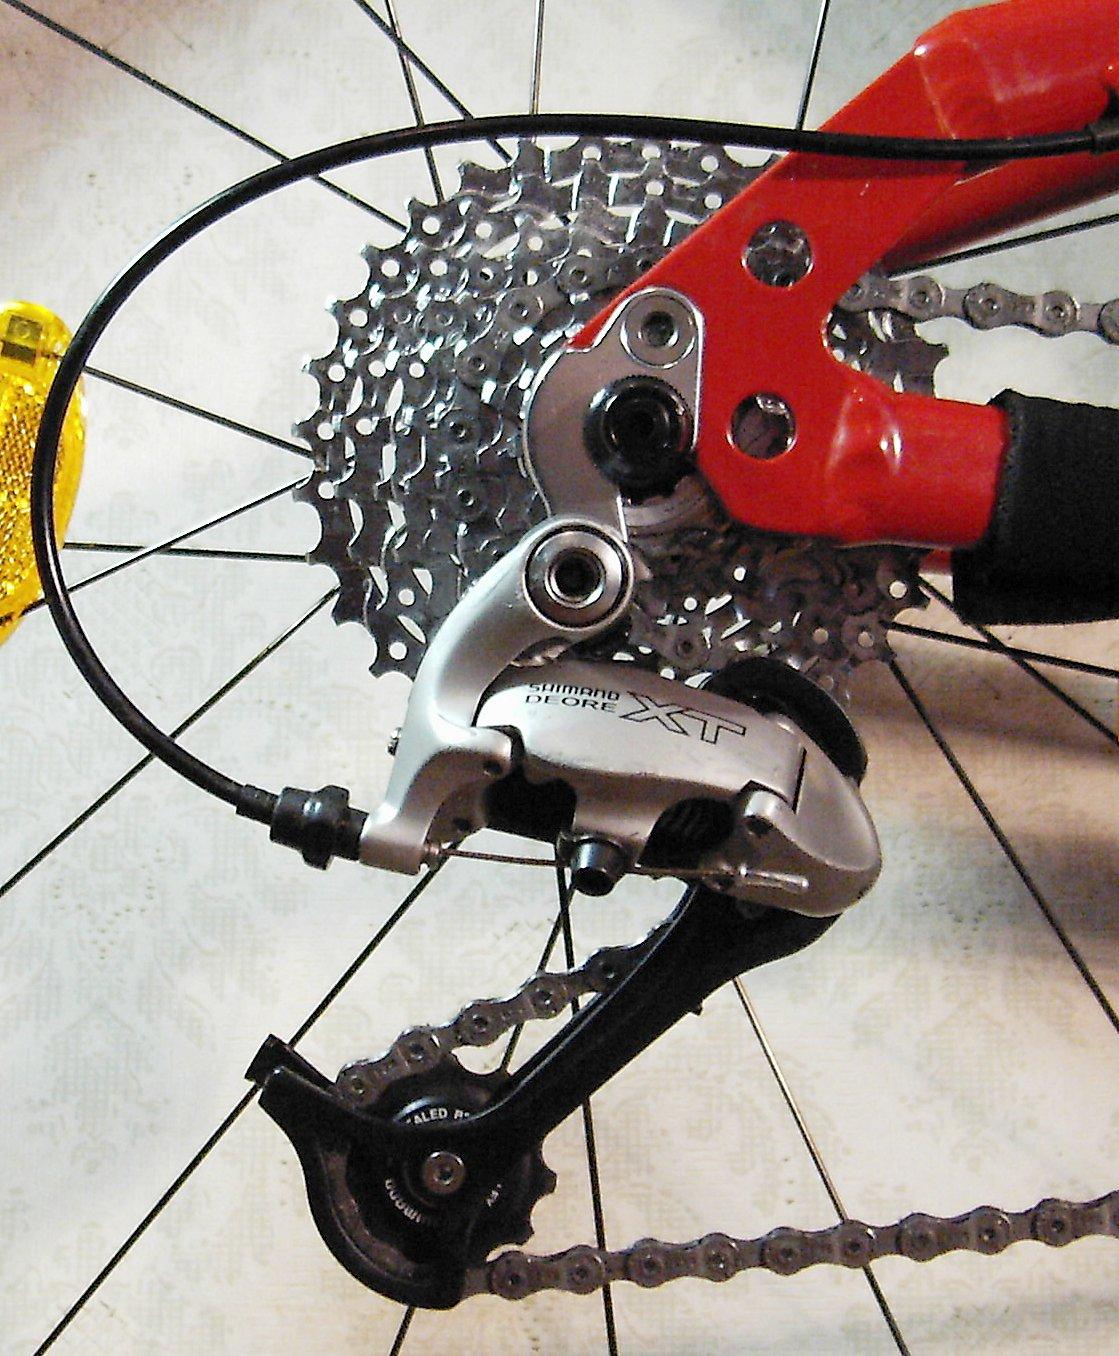 подробный почему на скорстном велосипее перескакивает скорость большинстве случаев